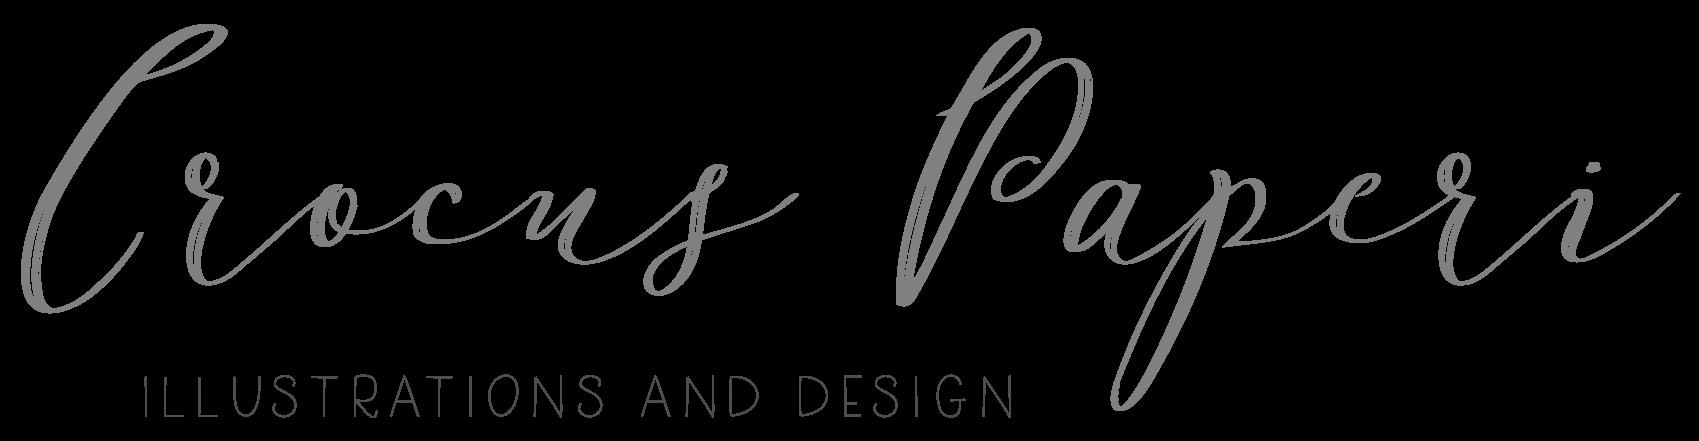 Crocus Paperi | Hääkutsut/graafinen suunnittelu/juhlasuunnittelu/piirtaminen logo